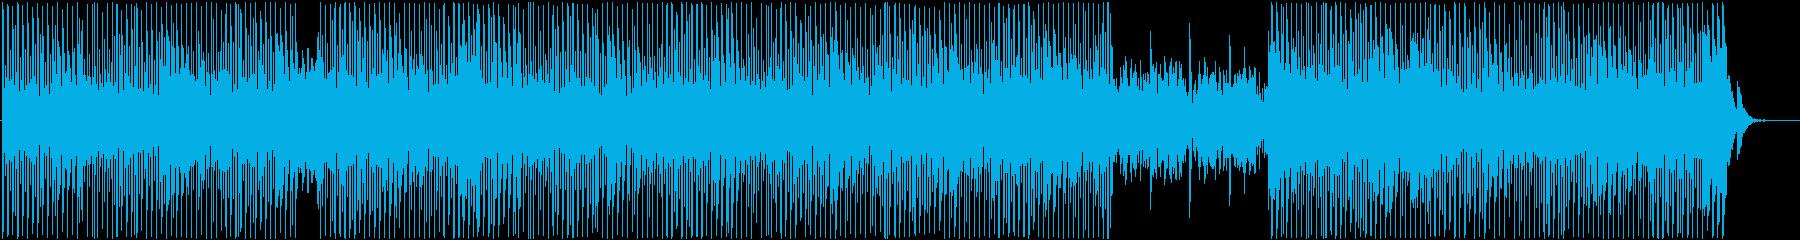 明るく軽快なシンセポップの再生済みの波形